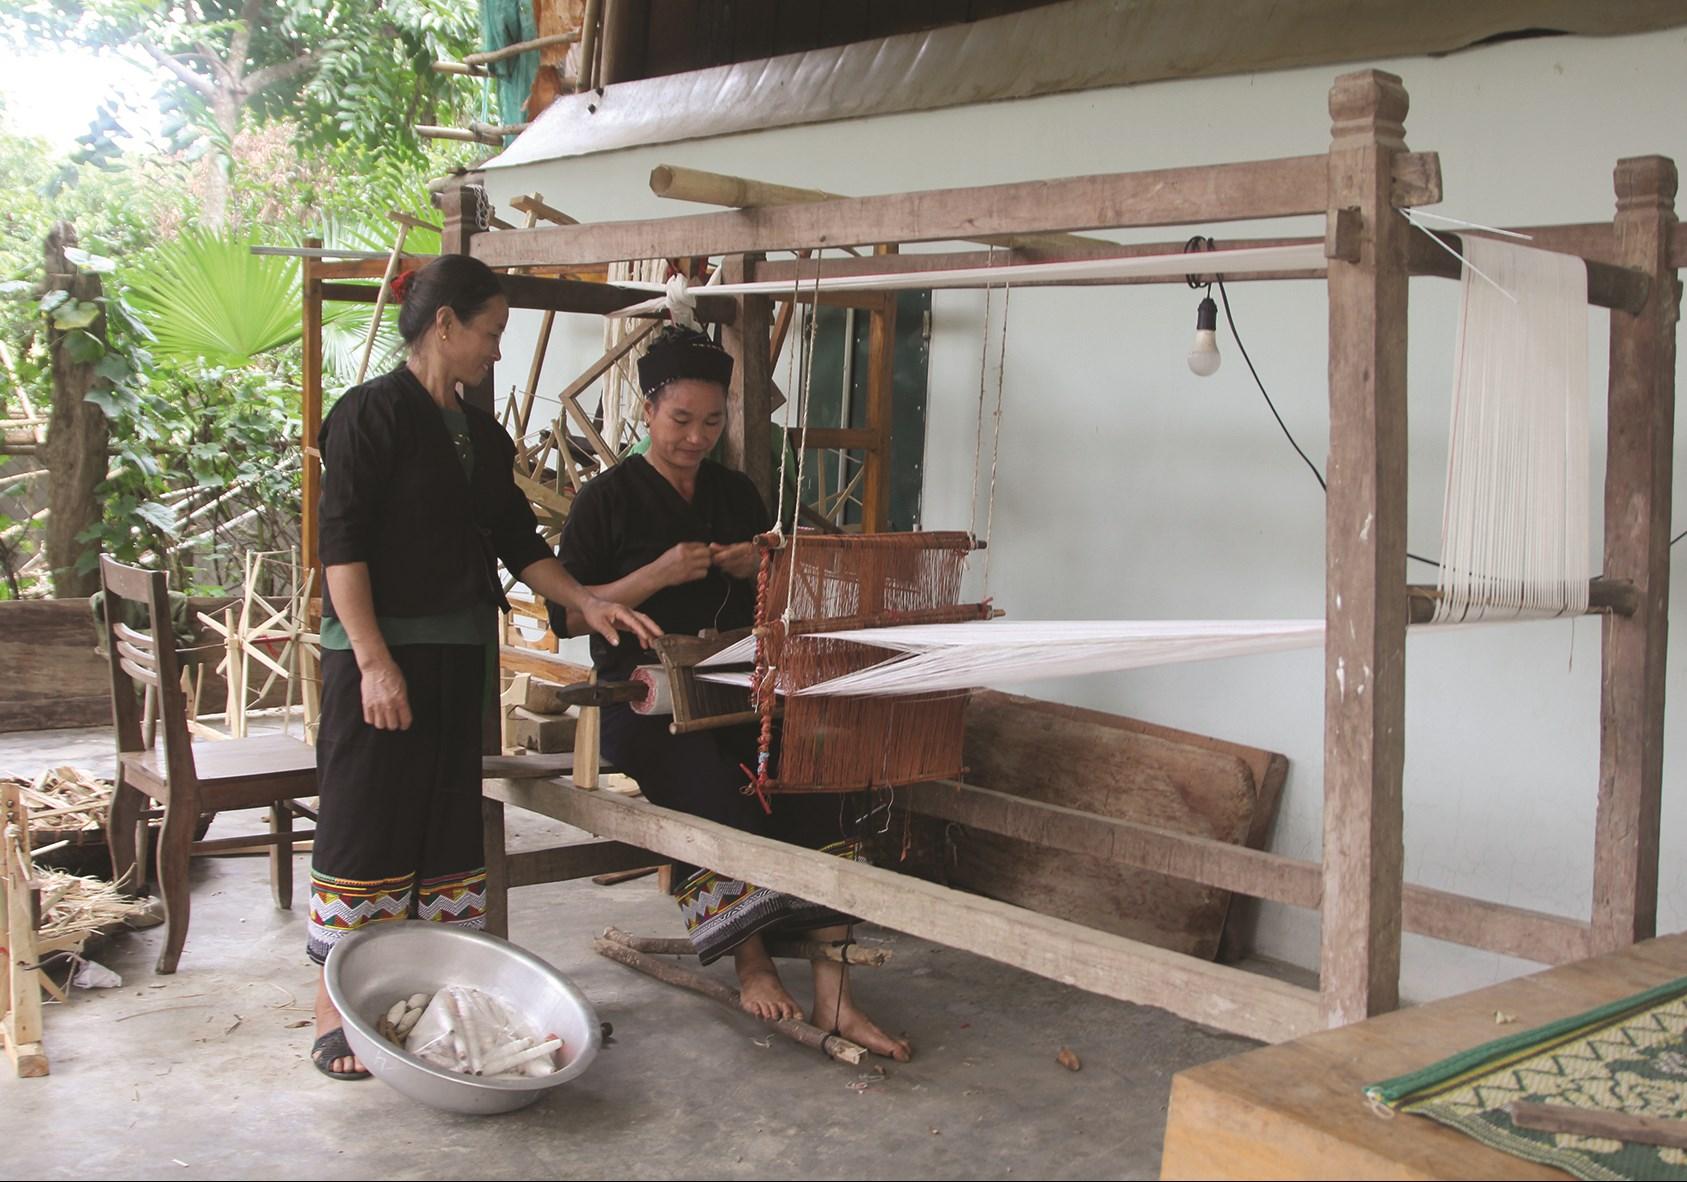 Bà Lo Thị Thoan (đứng) hướng dẫn kỹ thuật dệt của người Ơ-đu cho người dân